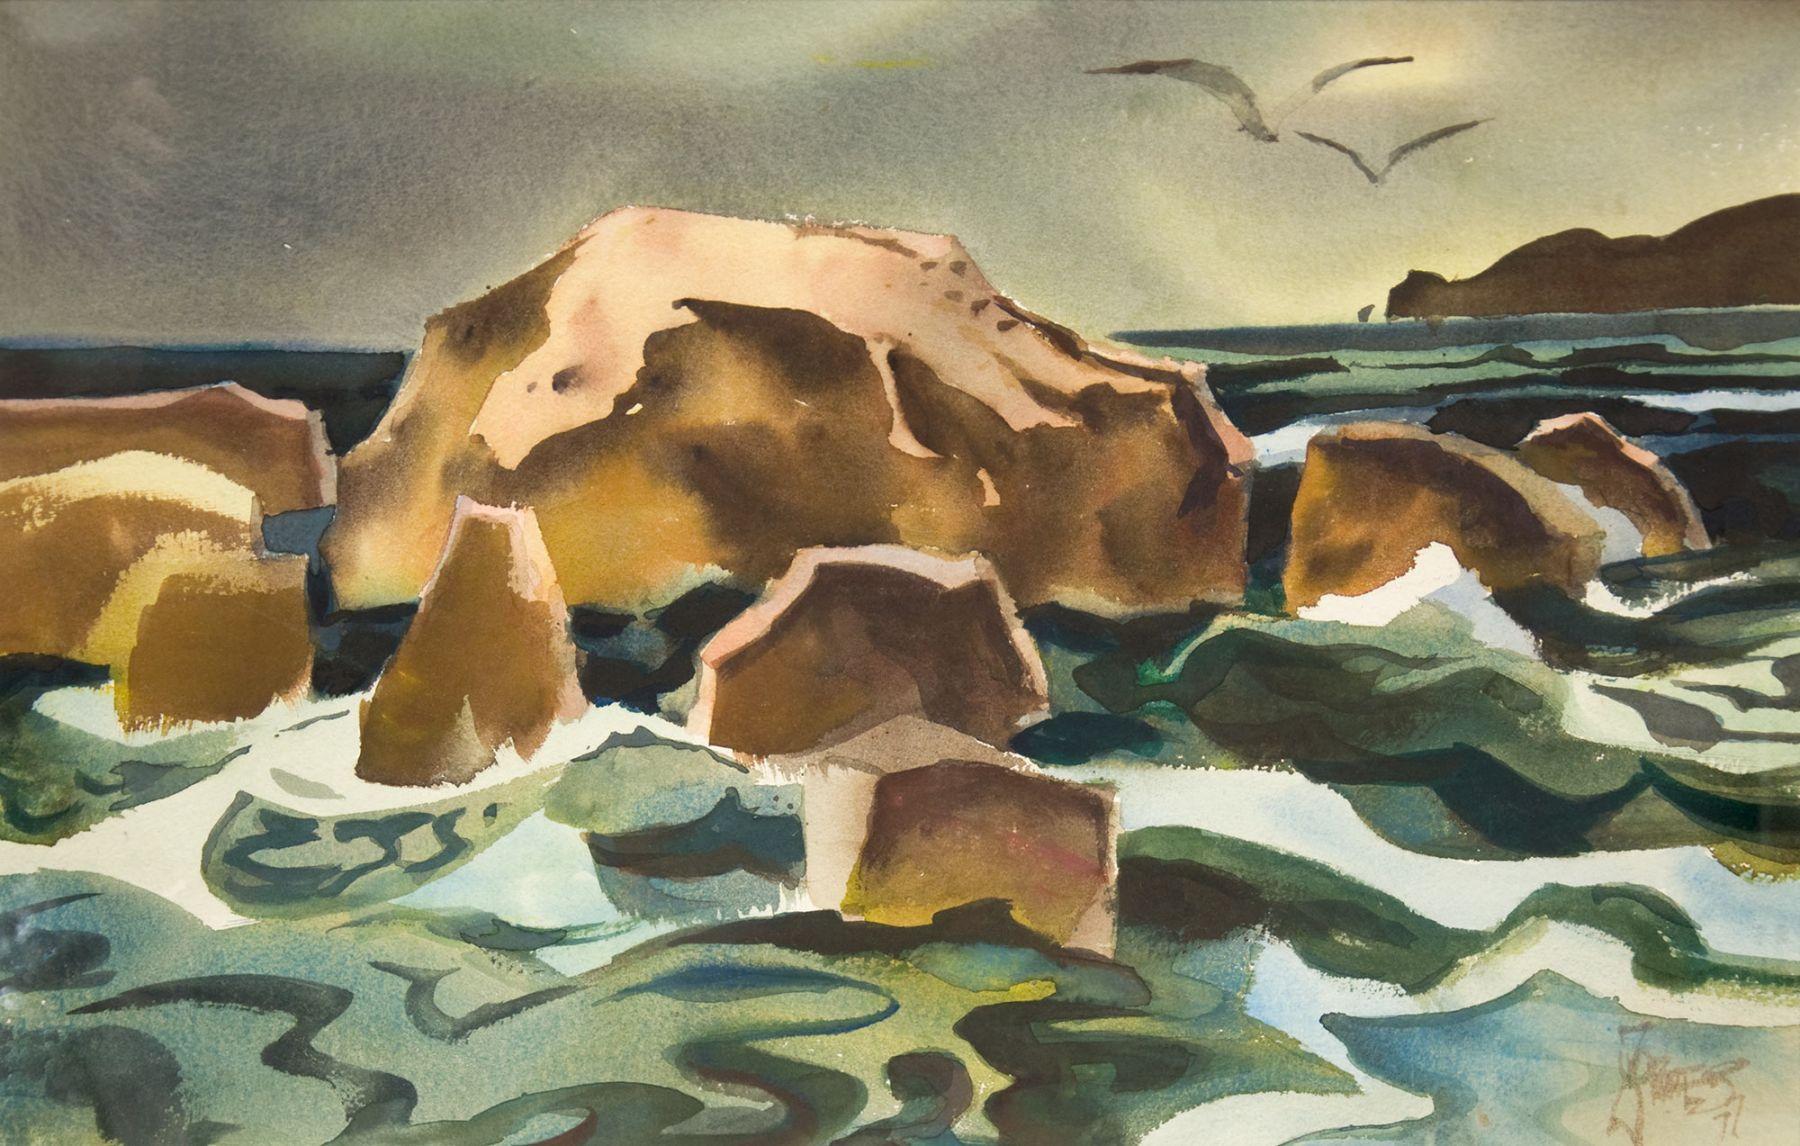 MILFORD ZORNES (1908-2008), Mukunookiki Rock, 1977